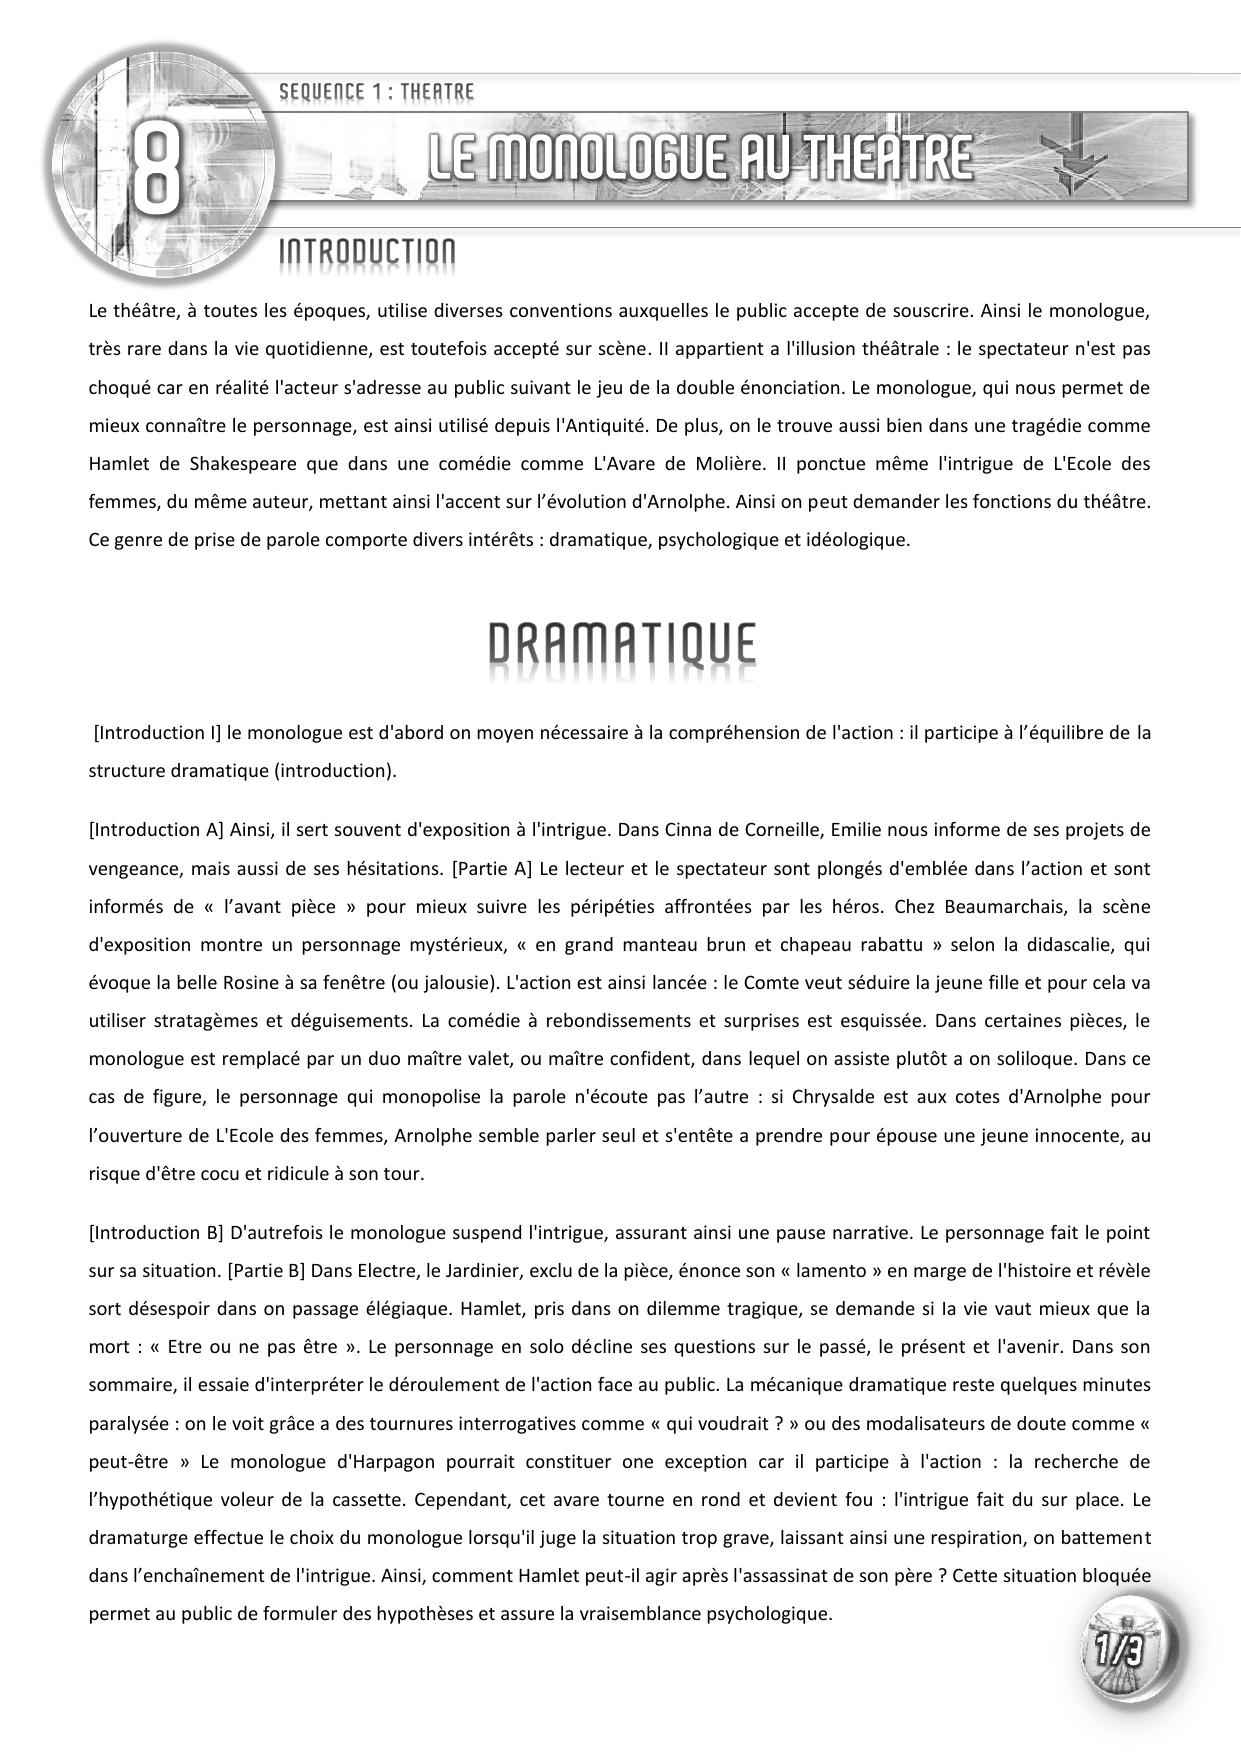 Dissertation comique theatre